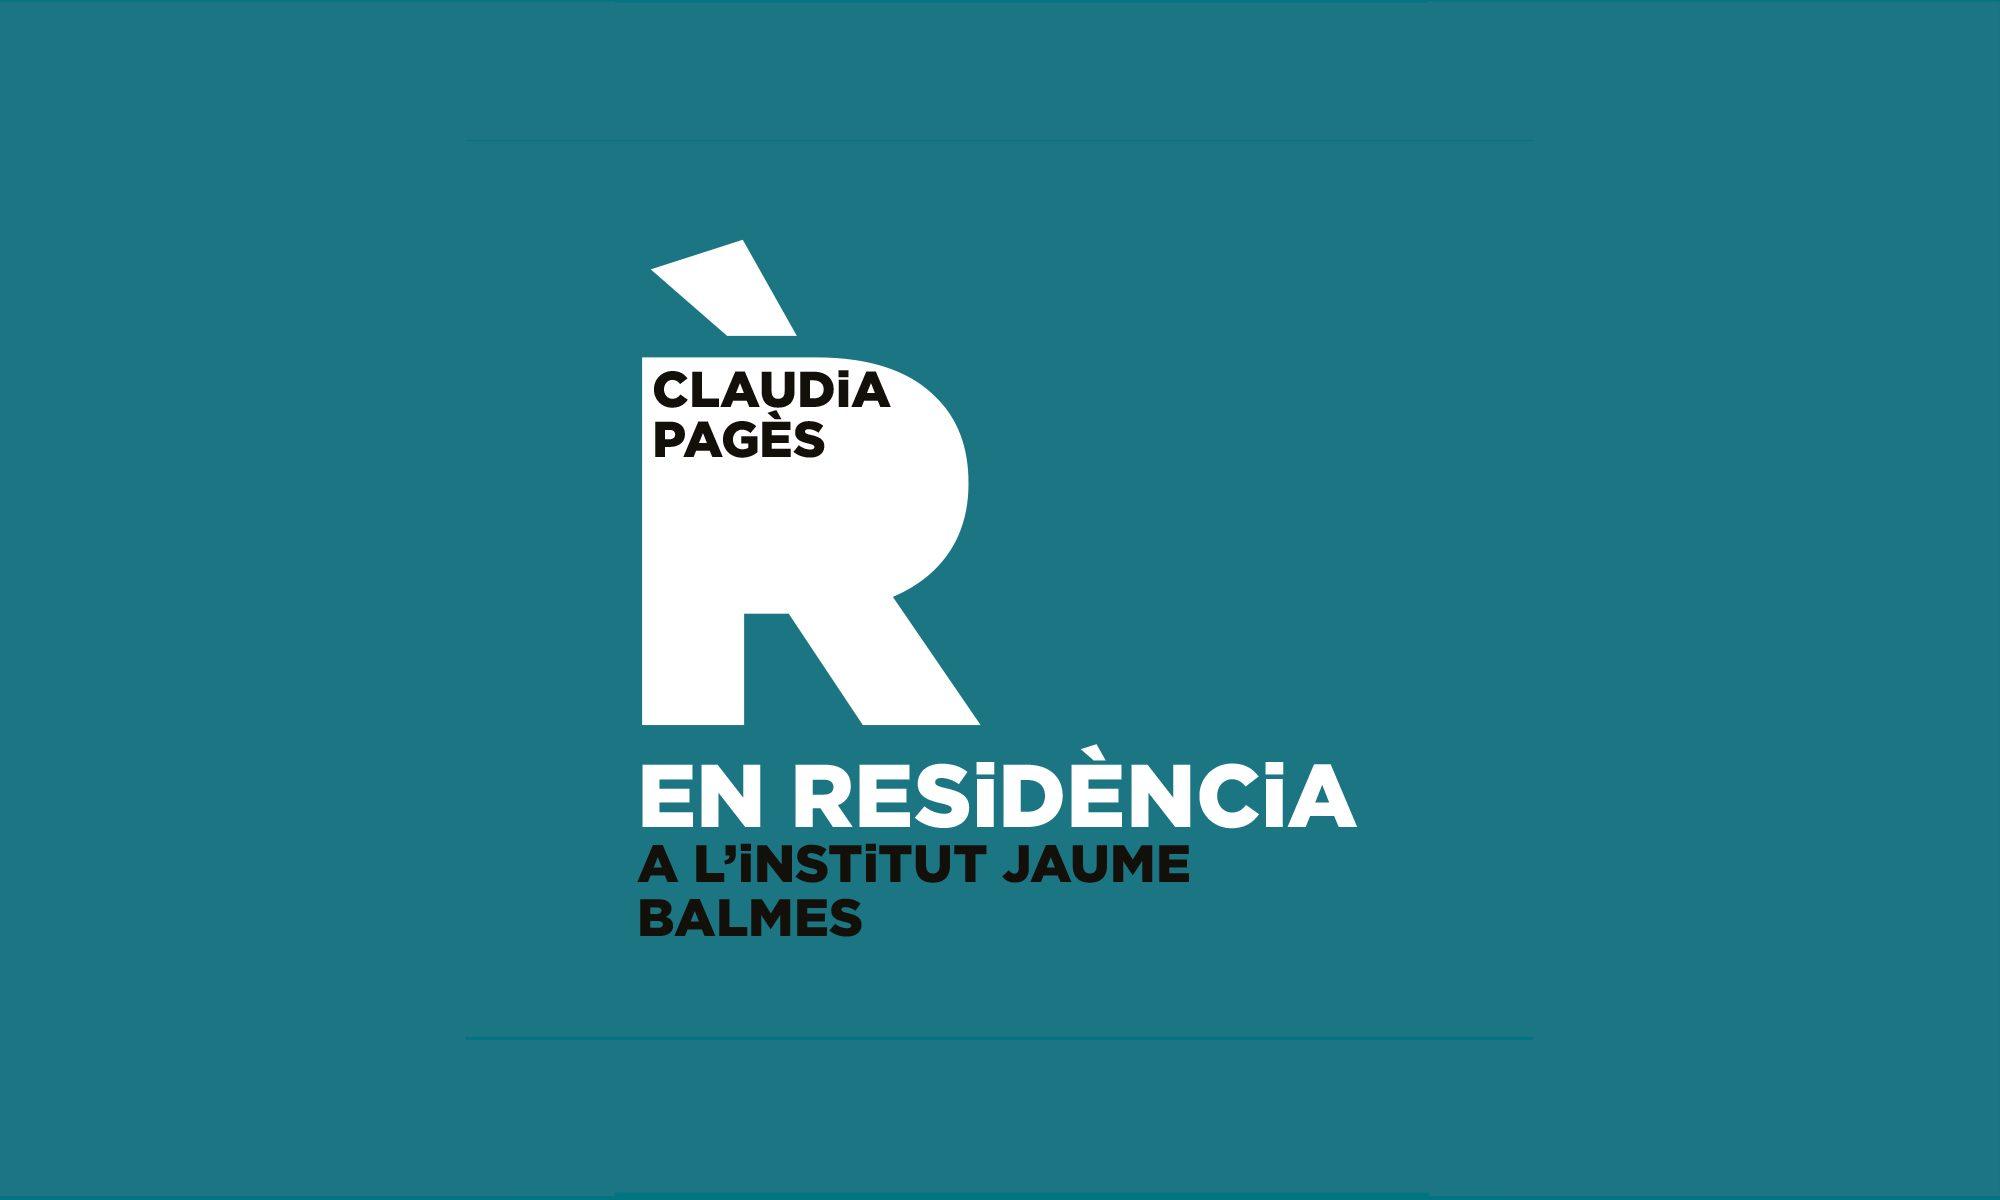 Clàudia Pagès EN RESiDÈNCiA